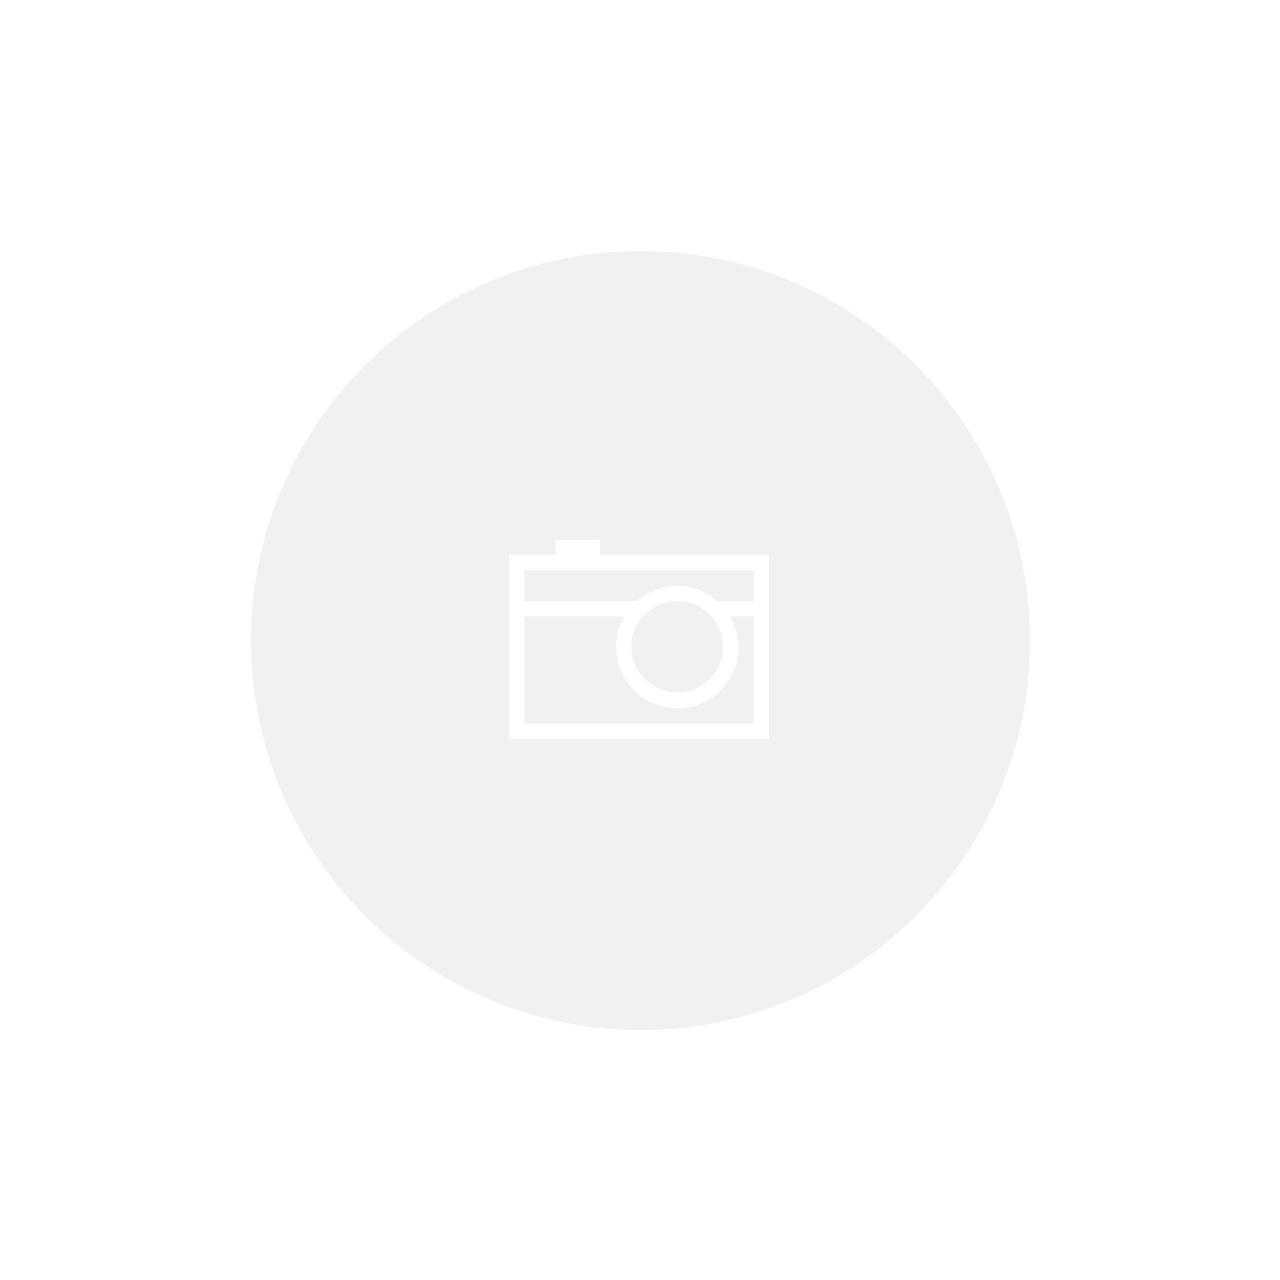 Fonte Corsair 850w 80 Plus Gold Modular RM850x - CP-9020093-WW